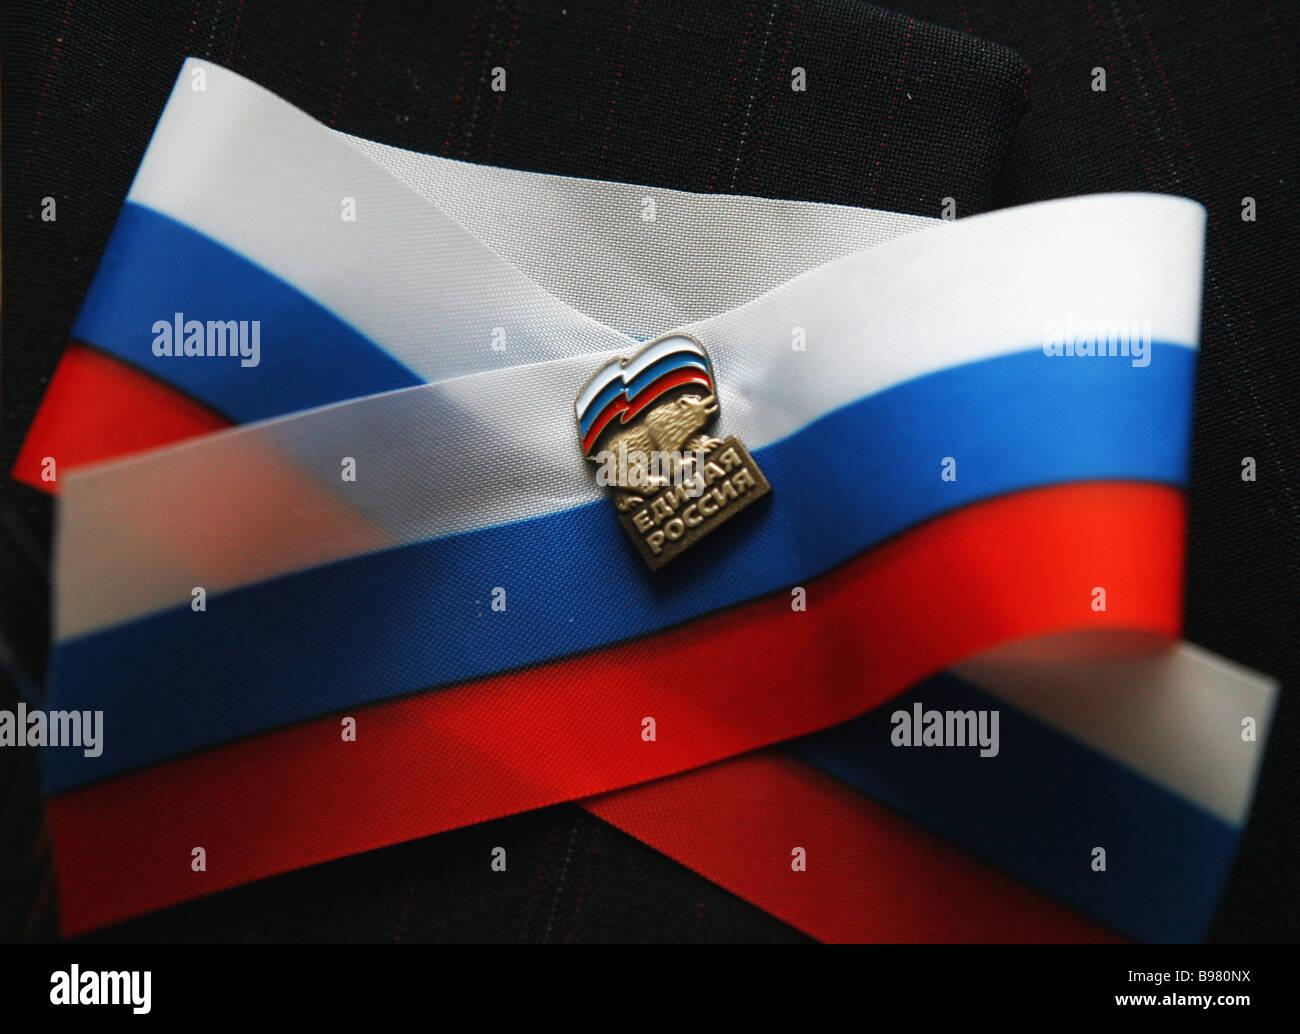 Con ocasión del Día Rusia Rusia Unida diputados llevaban cintas con ur insignias Imagen De Stock